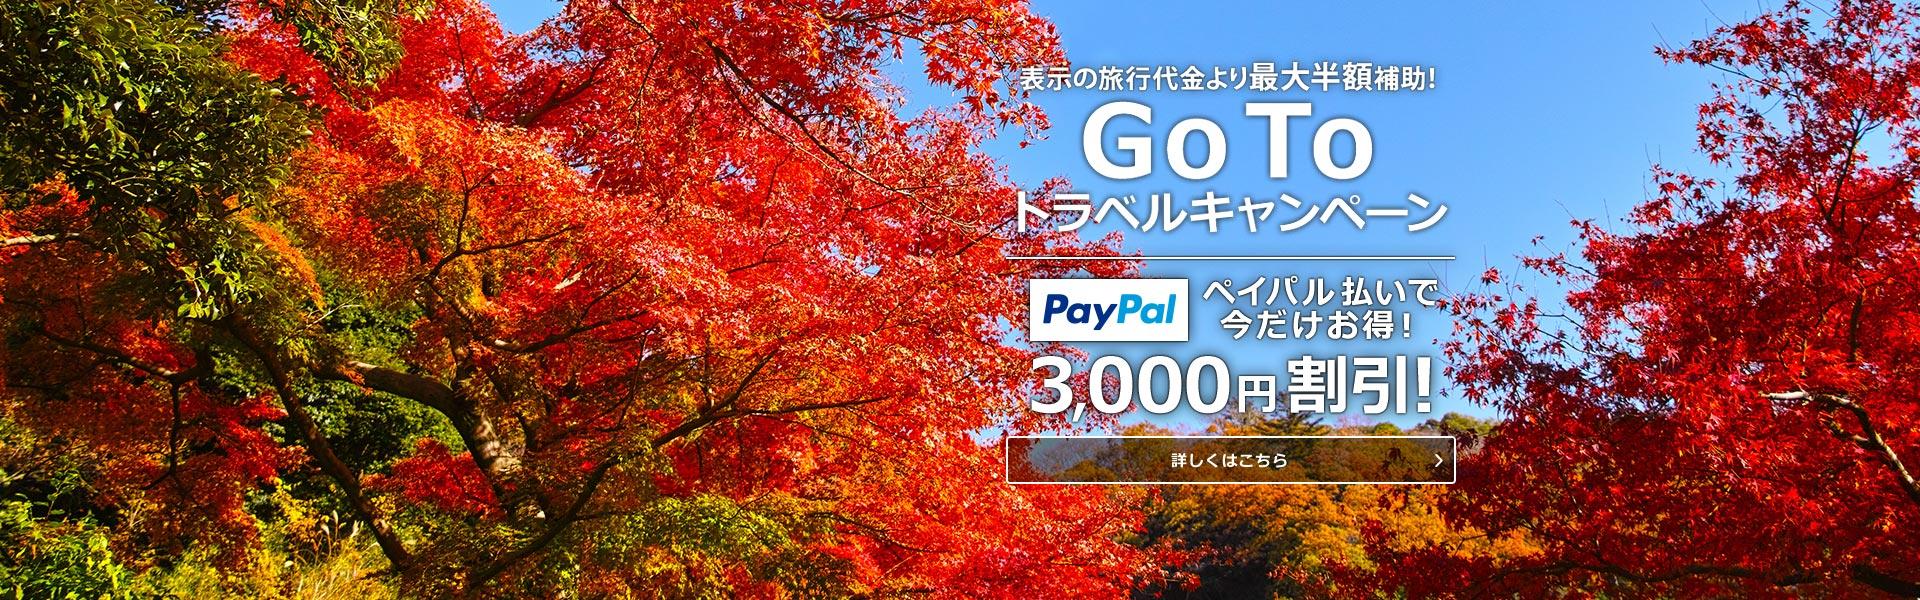 Go To Travelキャンペーン!大好評受付中!